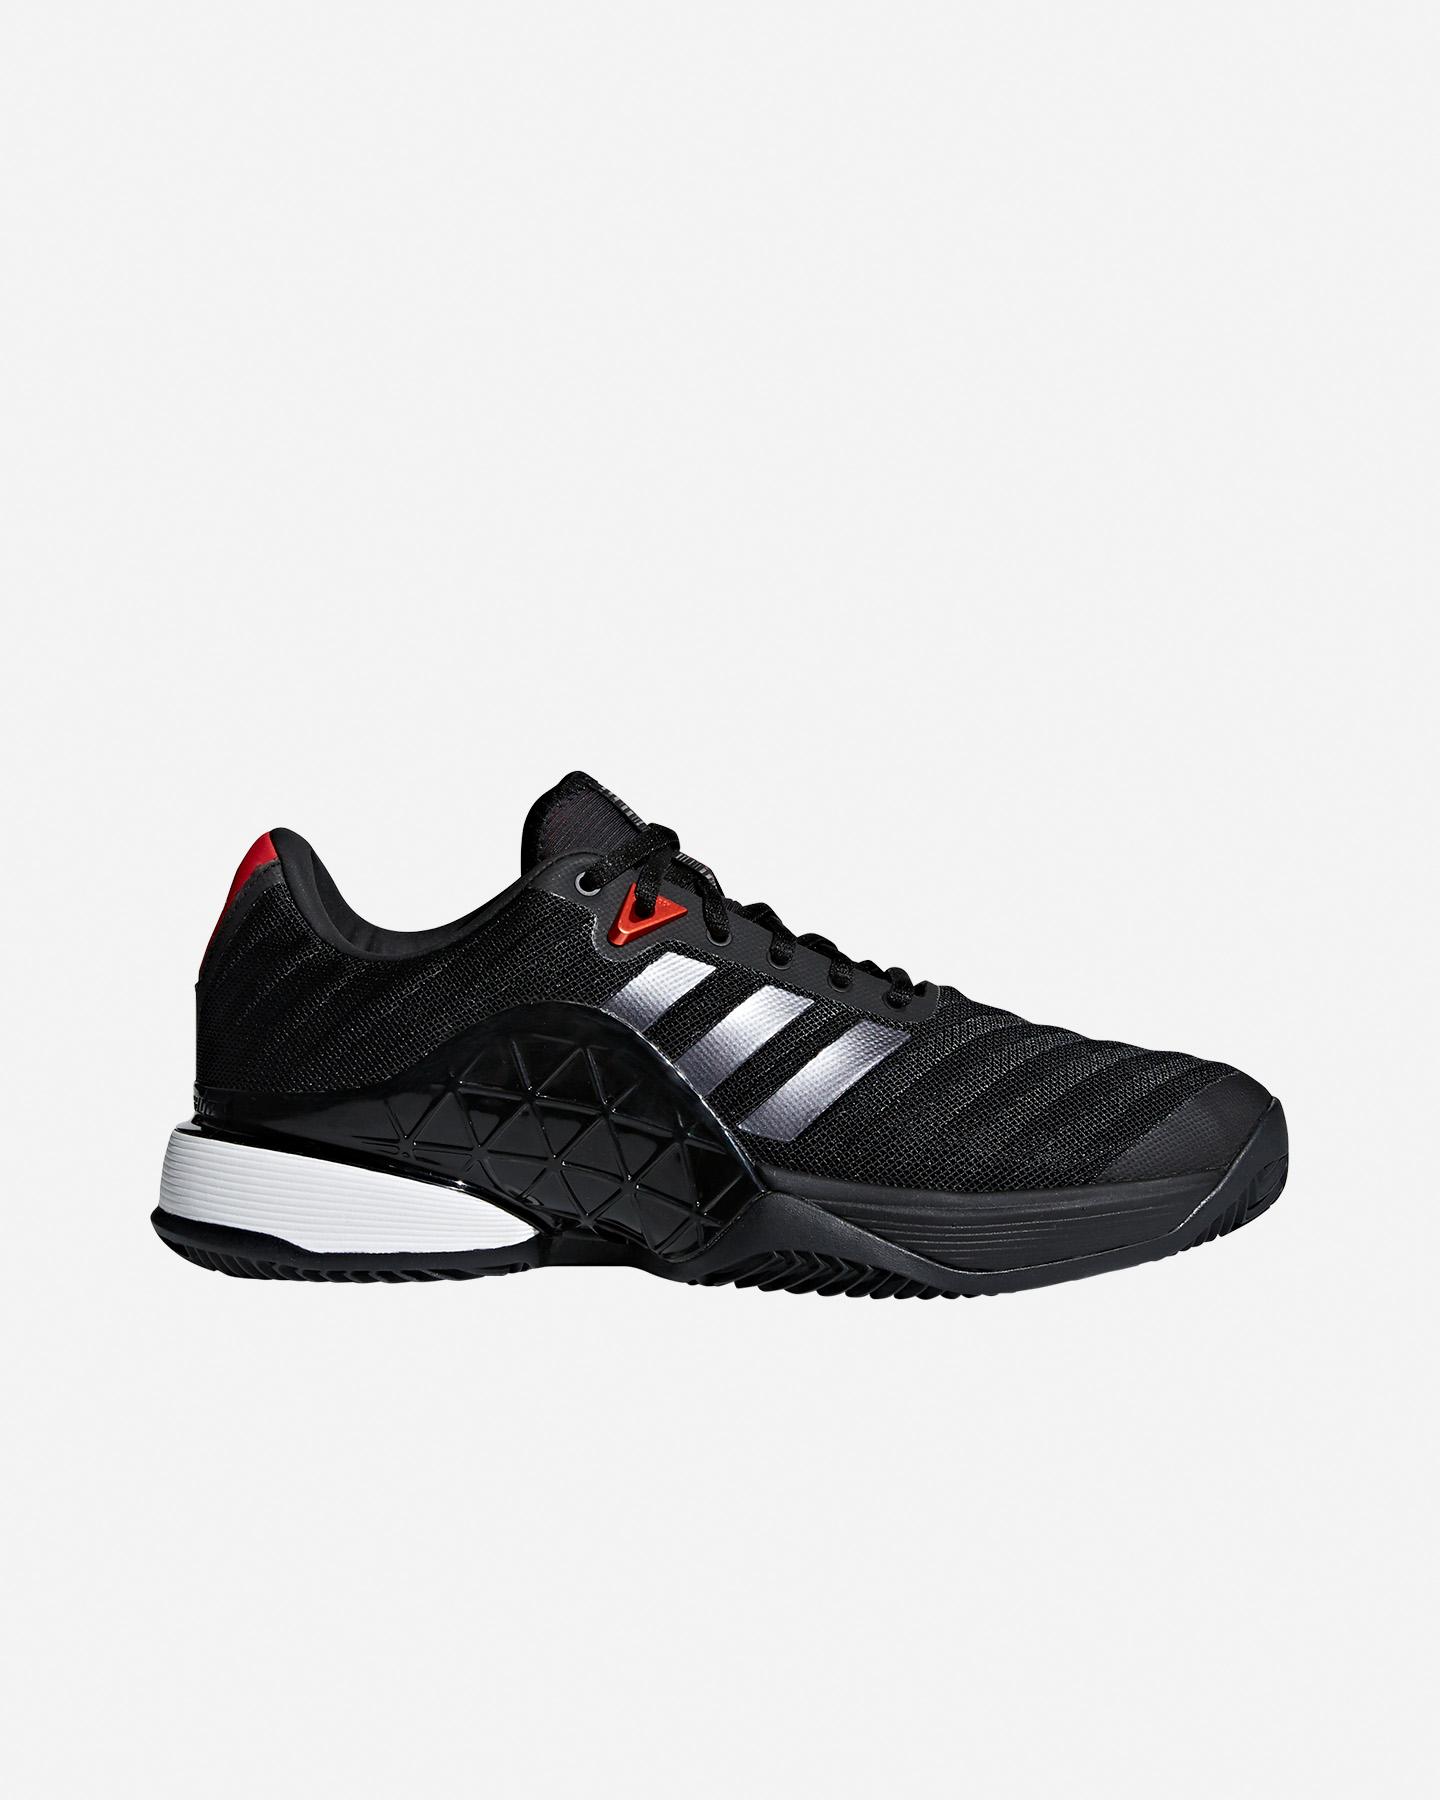 reputable site 6f4ab 13229 ... official tennis sport scarpe cm7831 barricade m 2018 clay adidas su  cisalfa zyqtrsw bd415 f9f7a